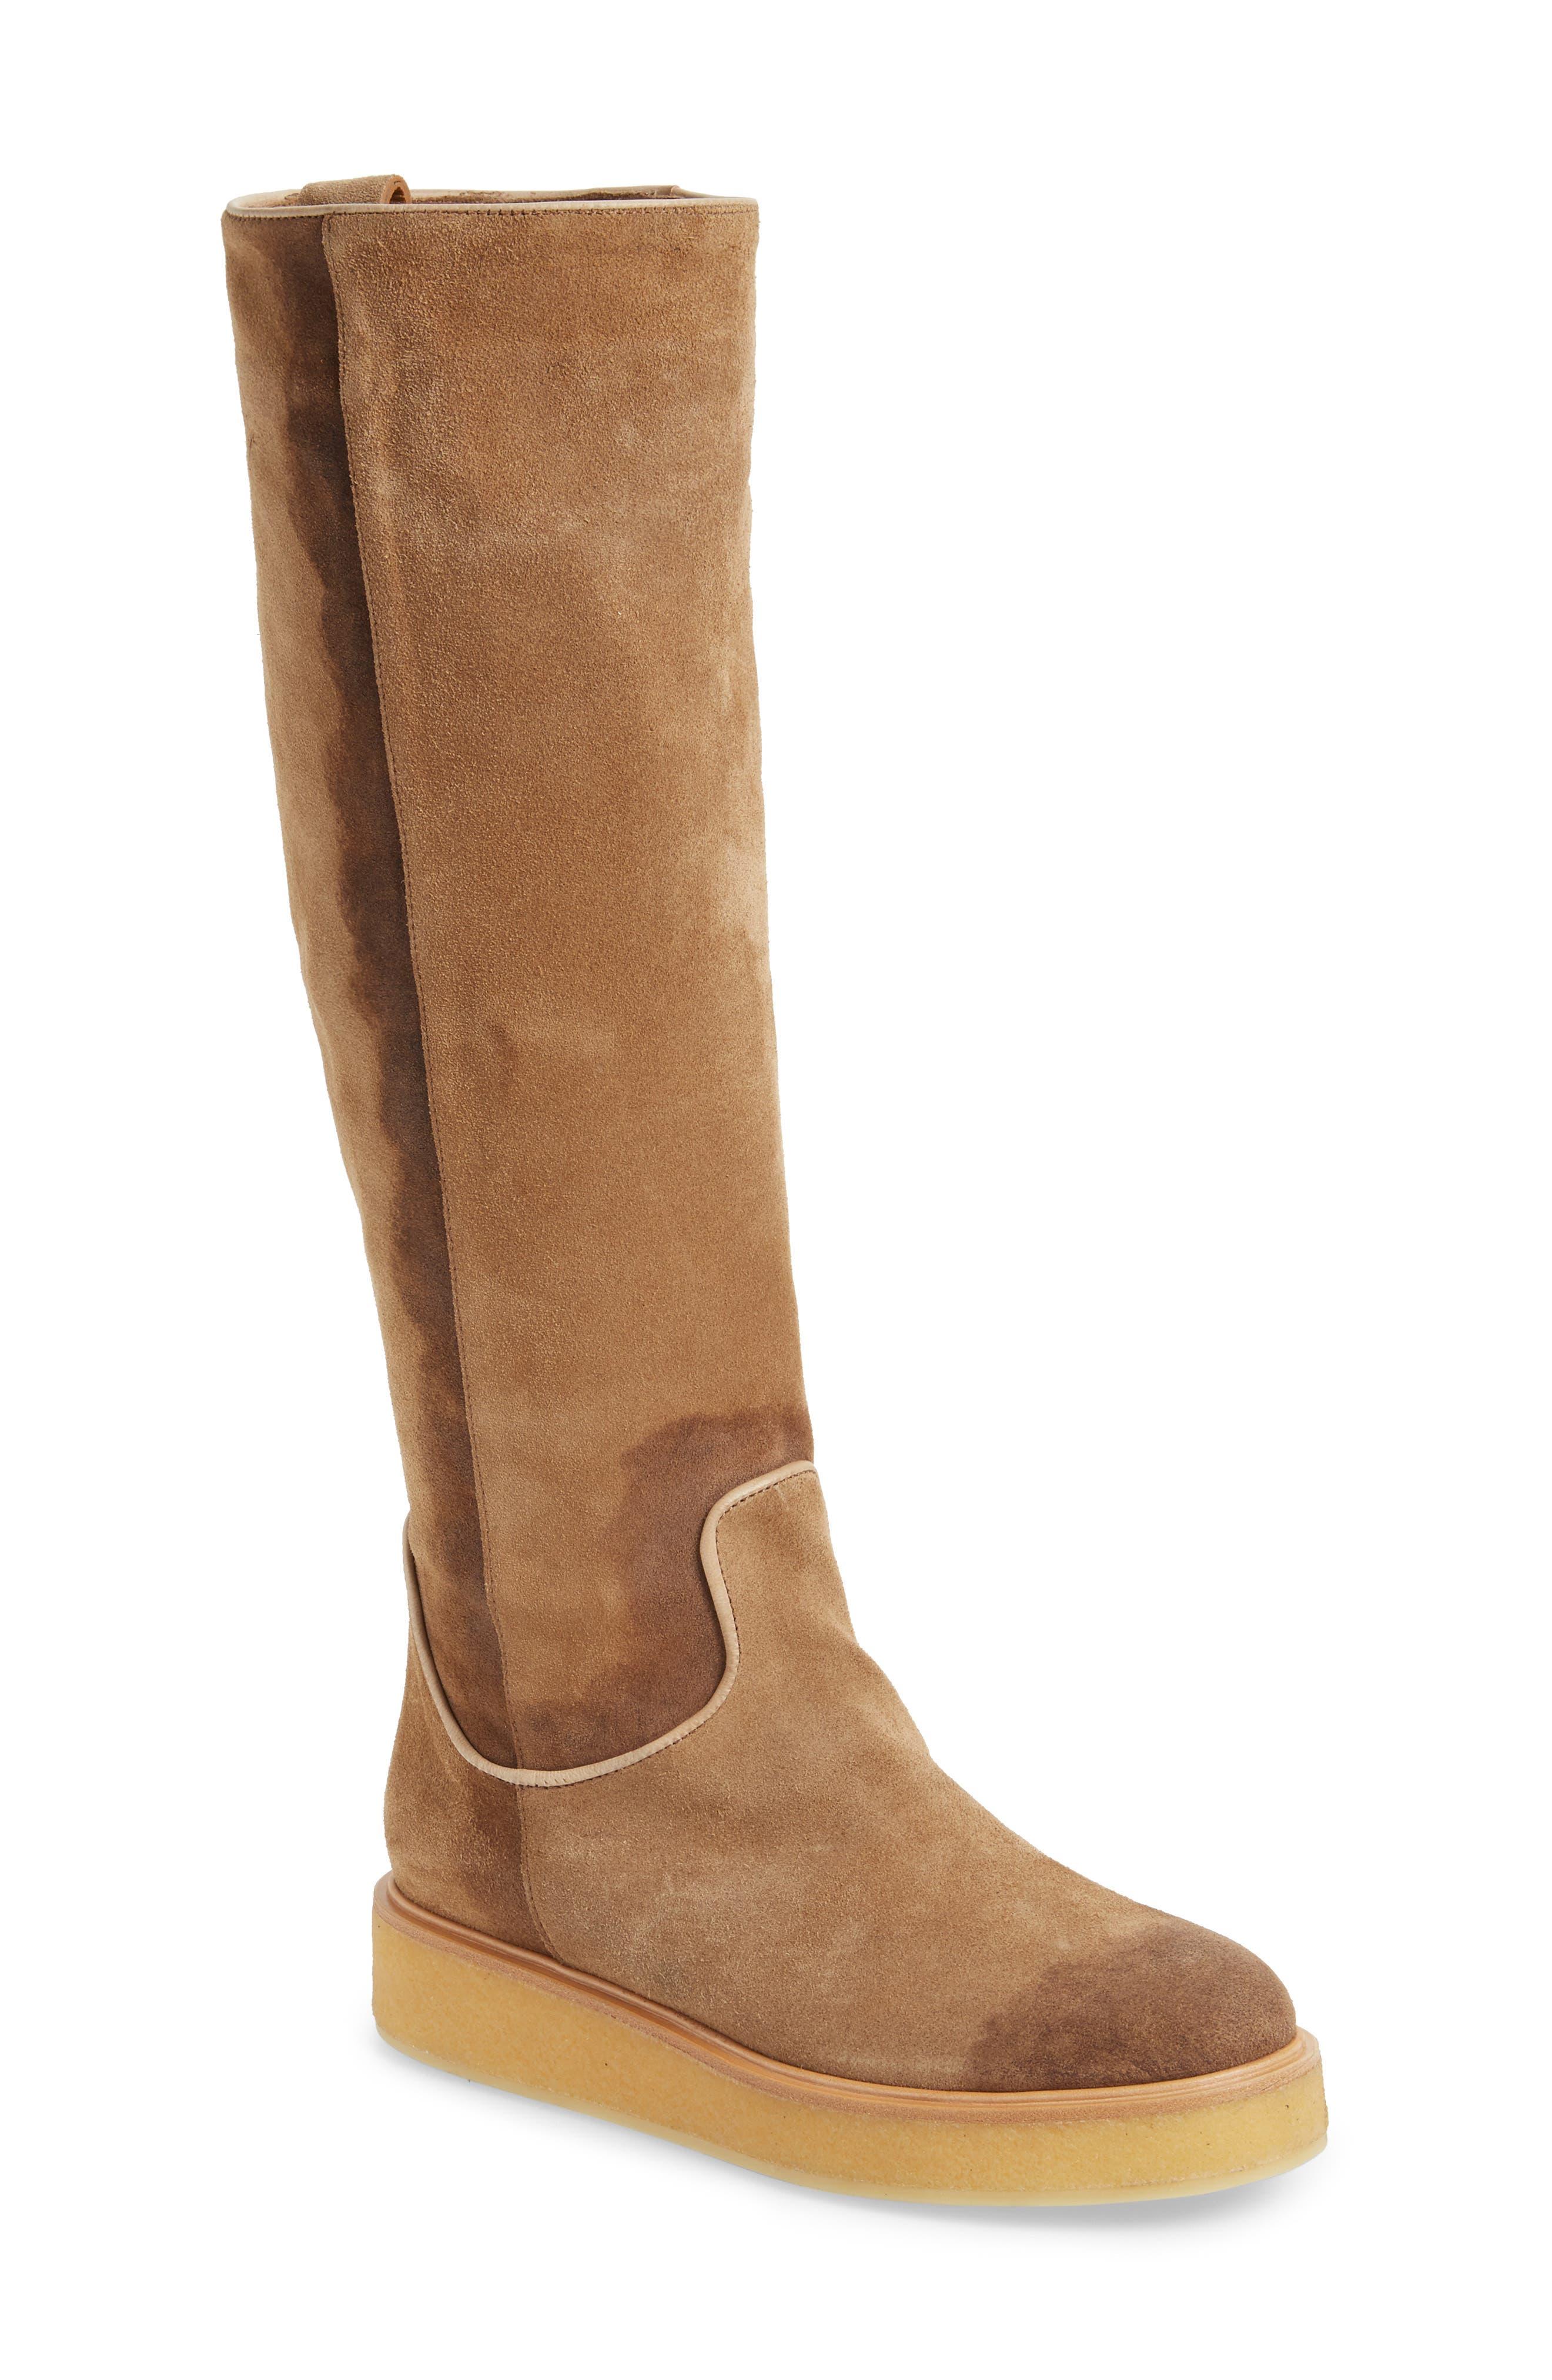 Nerola Knee High Boot,                             Main thumbnail 1, color,                             Sahara